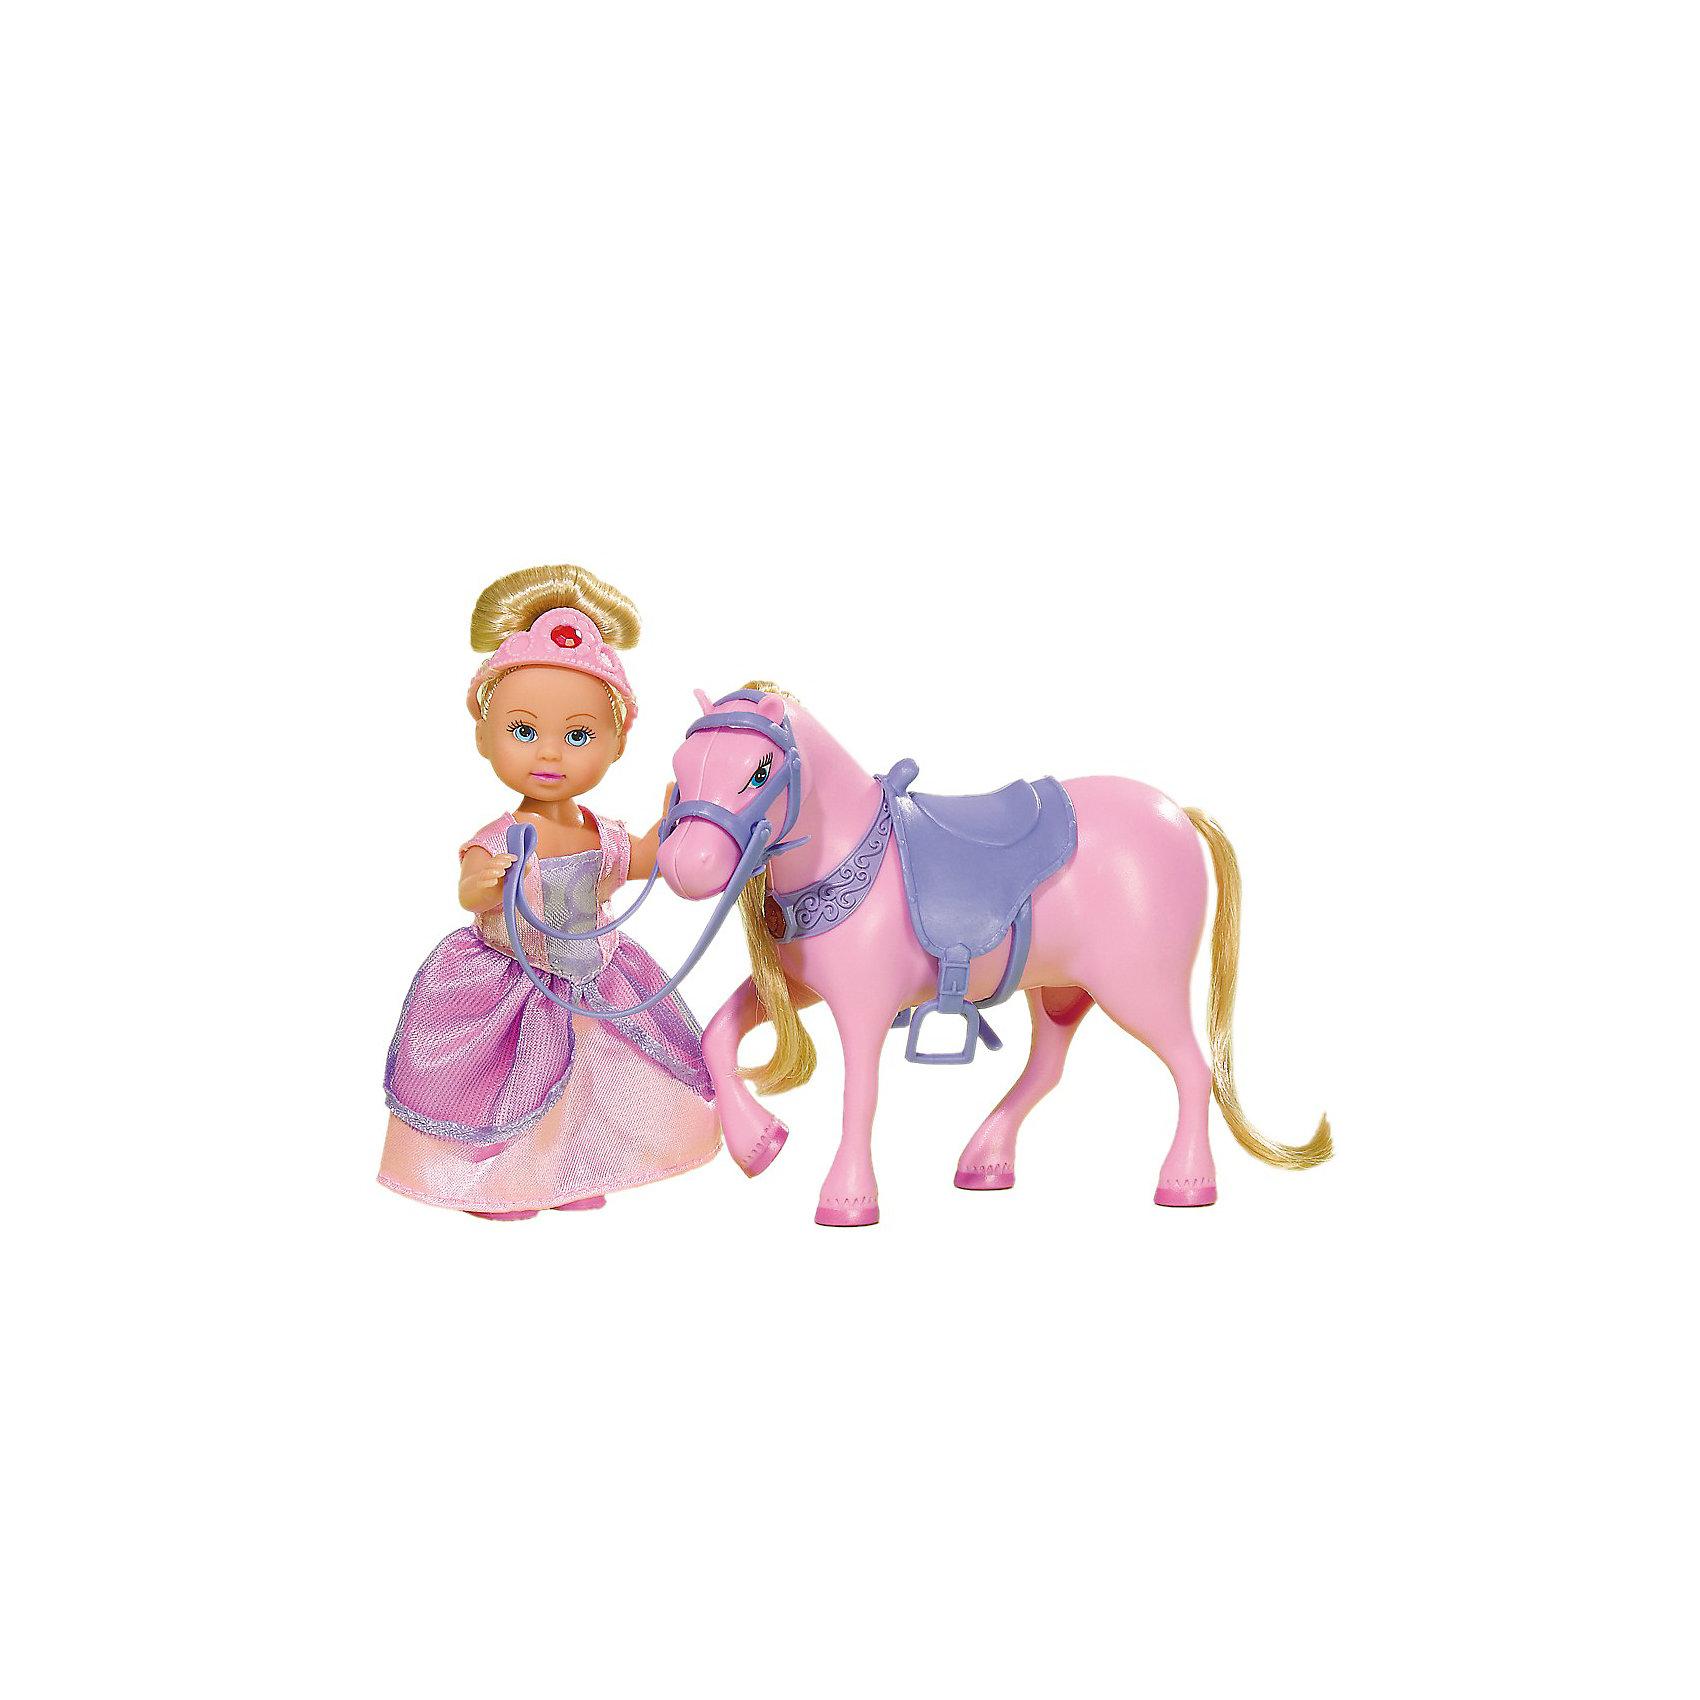 Еви с магической лошадкой, SimbaSteffi и Evi Love<br>В этом красивом наборе Эви (Evi) представлена в образе сказочной принцессы в роскошном розовом наряде. Эви любит гулять вместе со своей волшебной розовой лошадкой. Когда Эви садится на лошадку амулет на её шее начинает светиться.<br><br>Дополнительная информация:<br><br>- Размер игрушки: 12 см.<br>- Размер упаковки: 20х5х16 см.<br>- Вес: 0,184 кг.<br><br>Эта красивая игрушка станет замечательным подарком для Вашей девочки<br><br>Купить куклу можно в нашем магазине<br><br>Ширина мм: 200<br>Глубина мм: 50<br>Высота мм: 160<br>Вес г: 185<br>Возраст от месяцев: 36<br>Возраст до месяцев: 72<br>Пол: Женский<br>Возраст: Детский<br>SKU: 2429681